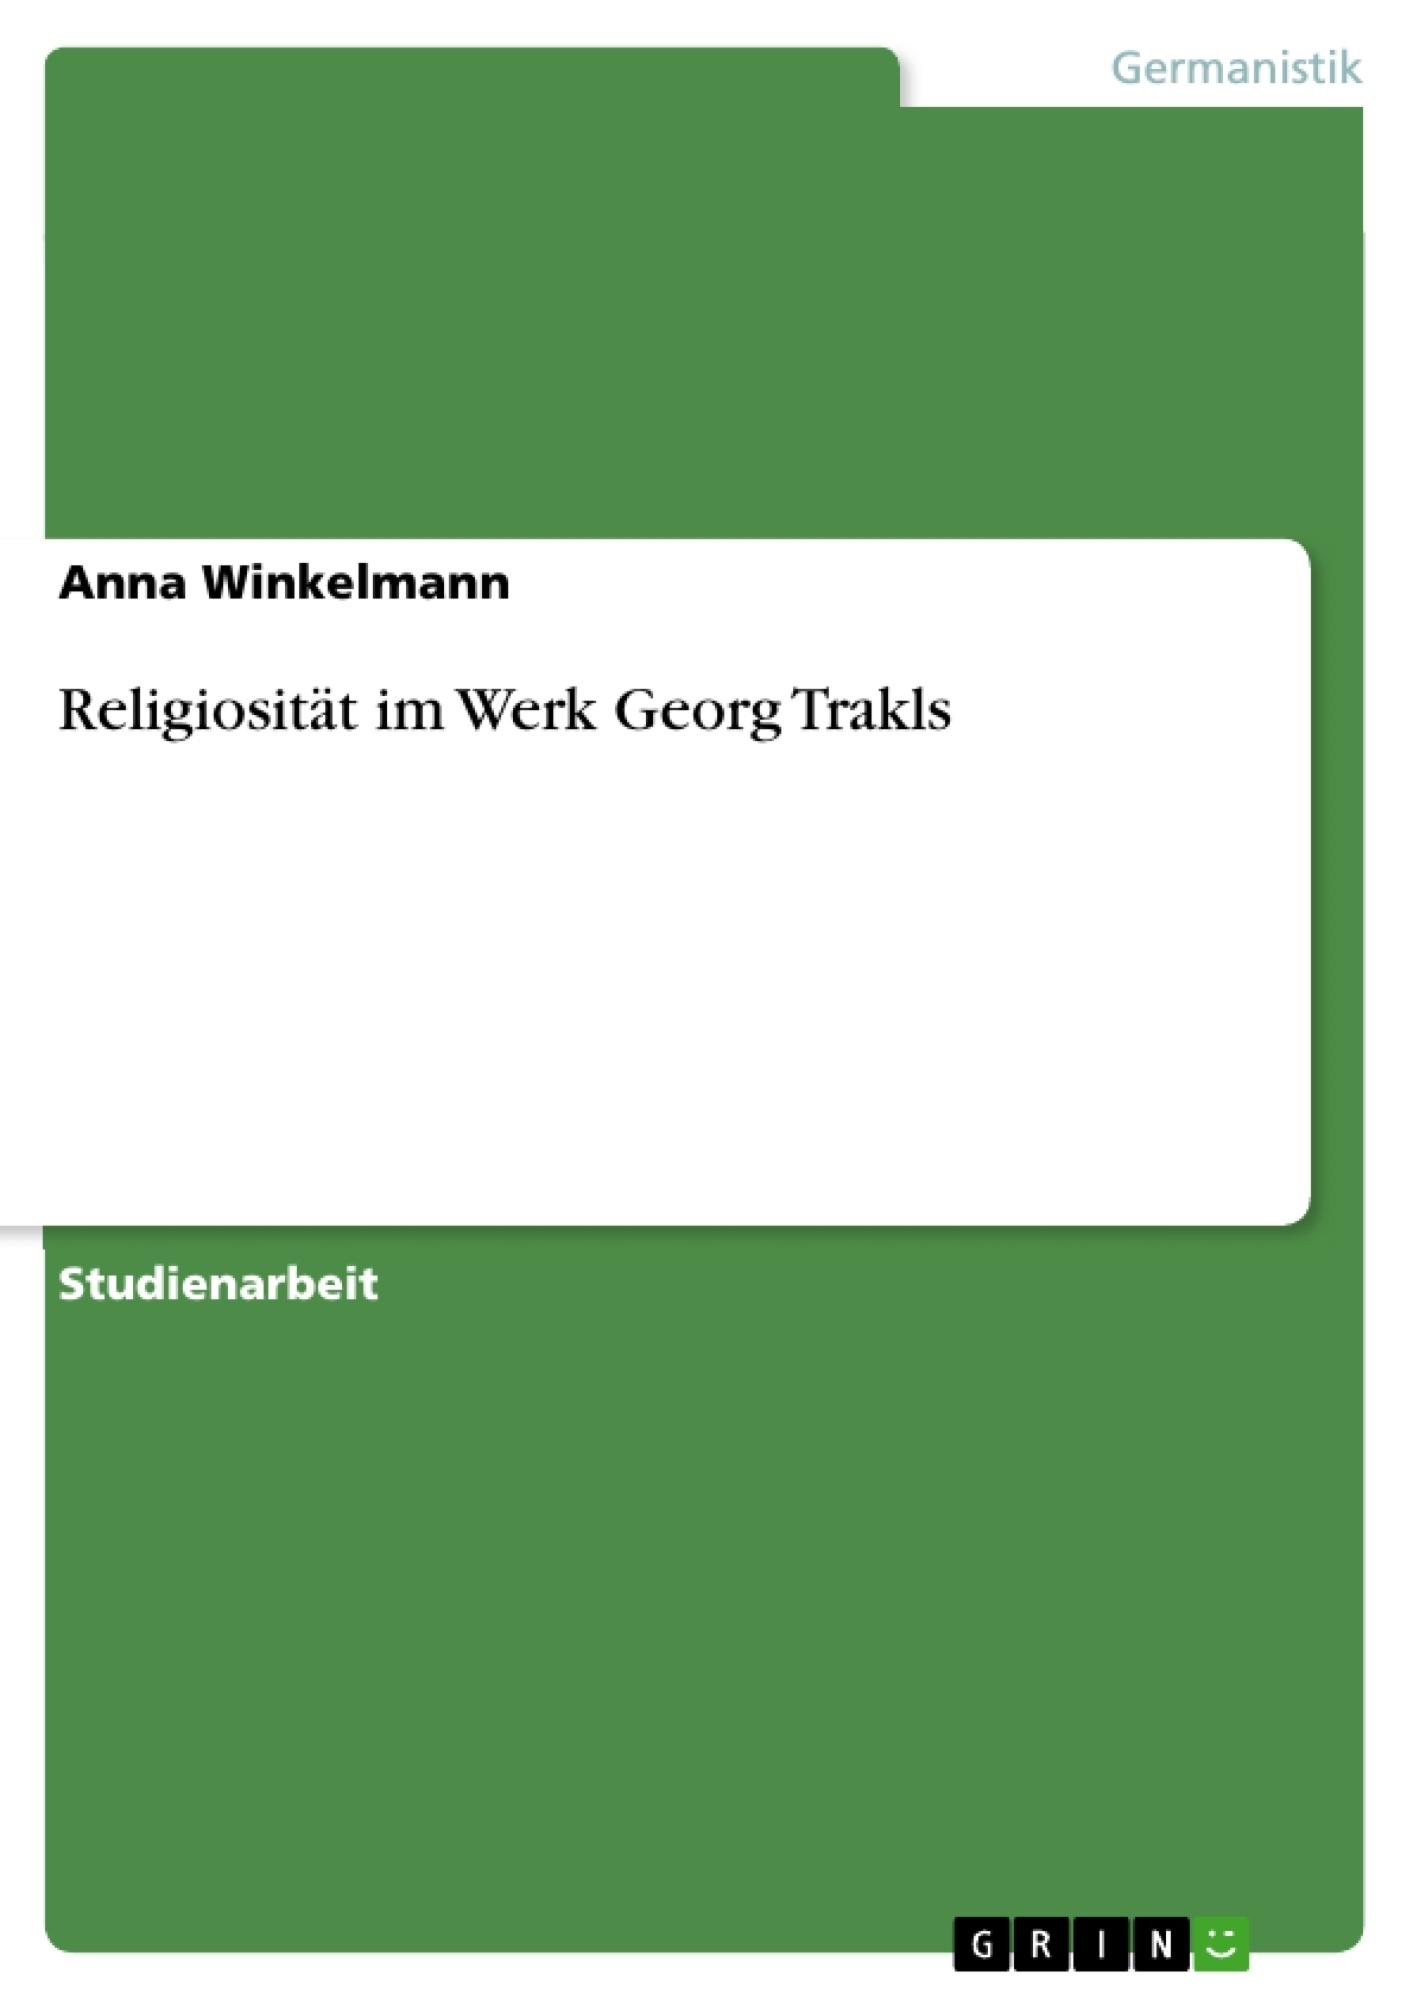 Titel: Religiosität im Werk Georg Trakls